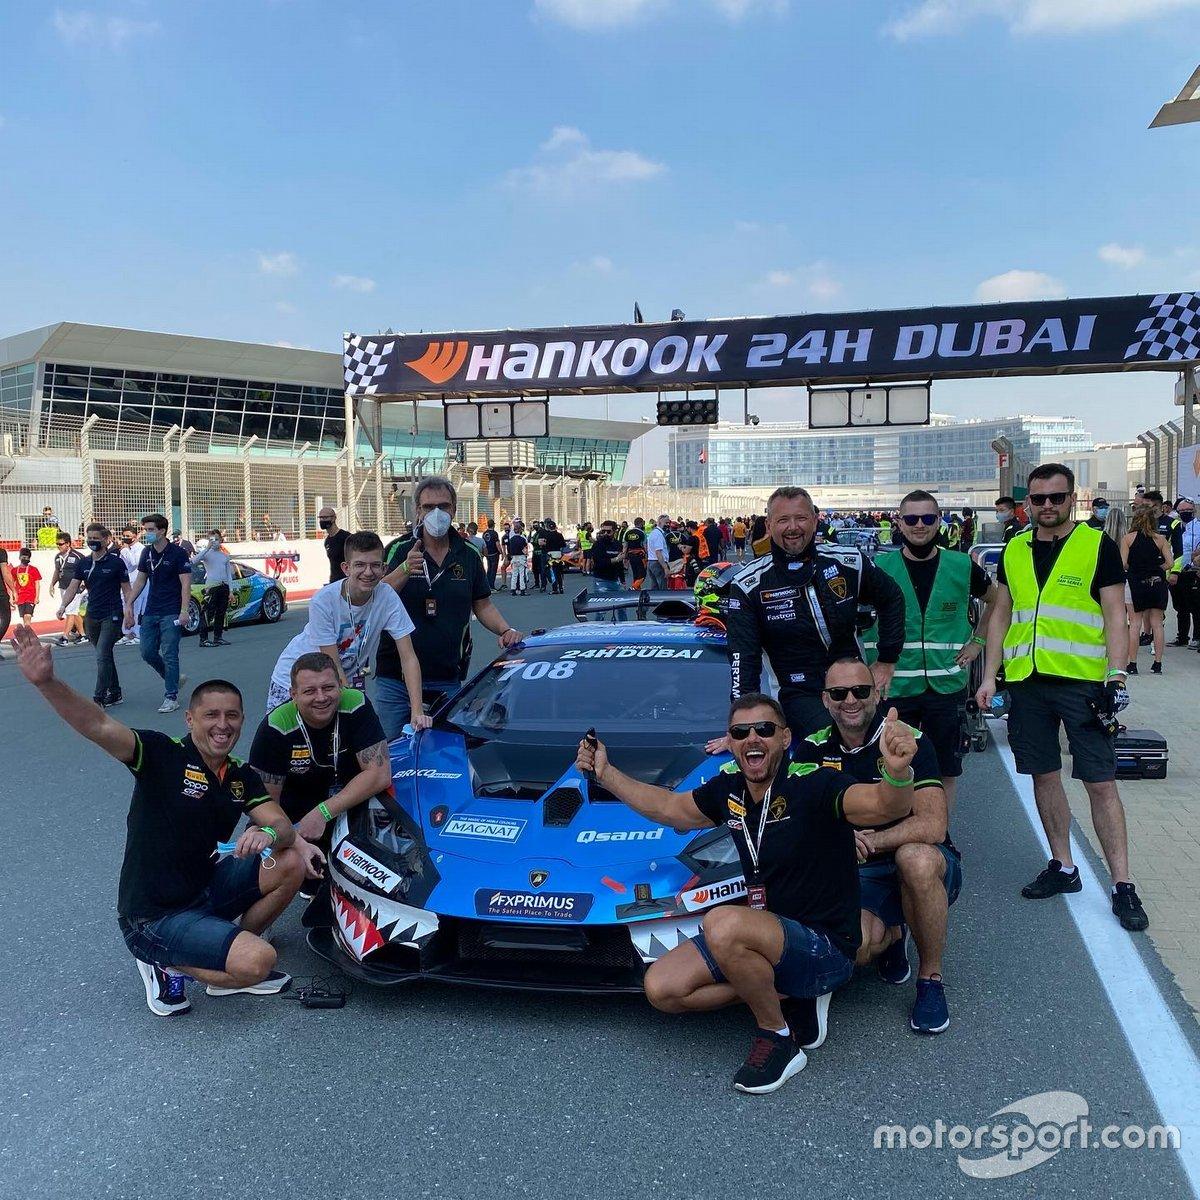 #708 GT3 Poland - Rafał Mikrut, Grzegorz Moczulski, Andrzej Lewandowski, Paweł Kowalski, Bartosz Opioła, Lamborghini Huracán Super Trofeo